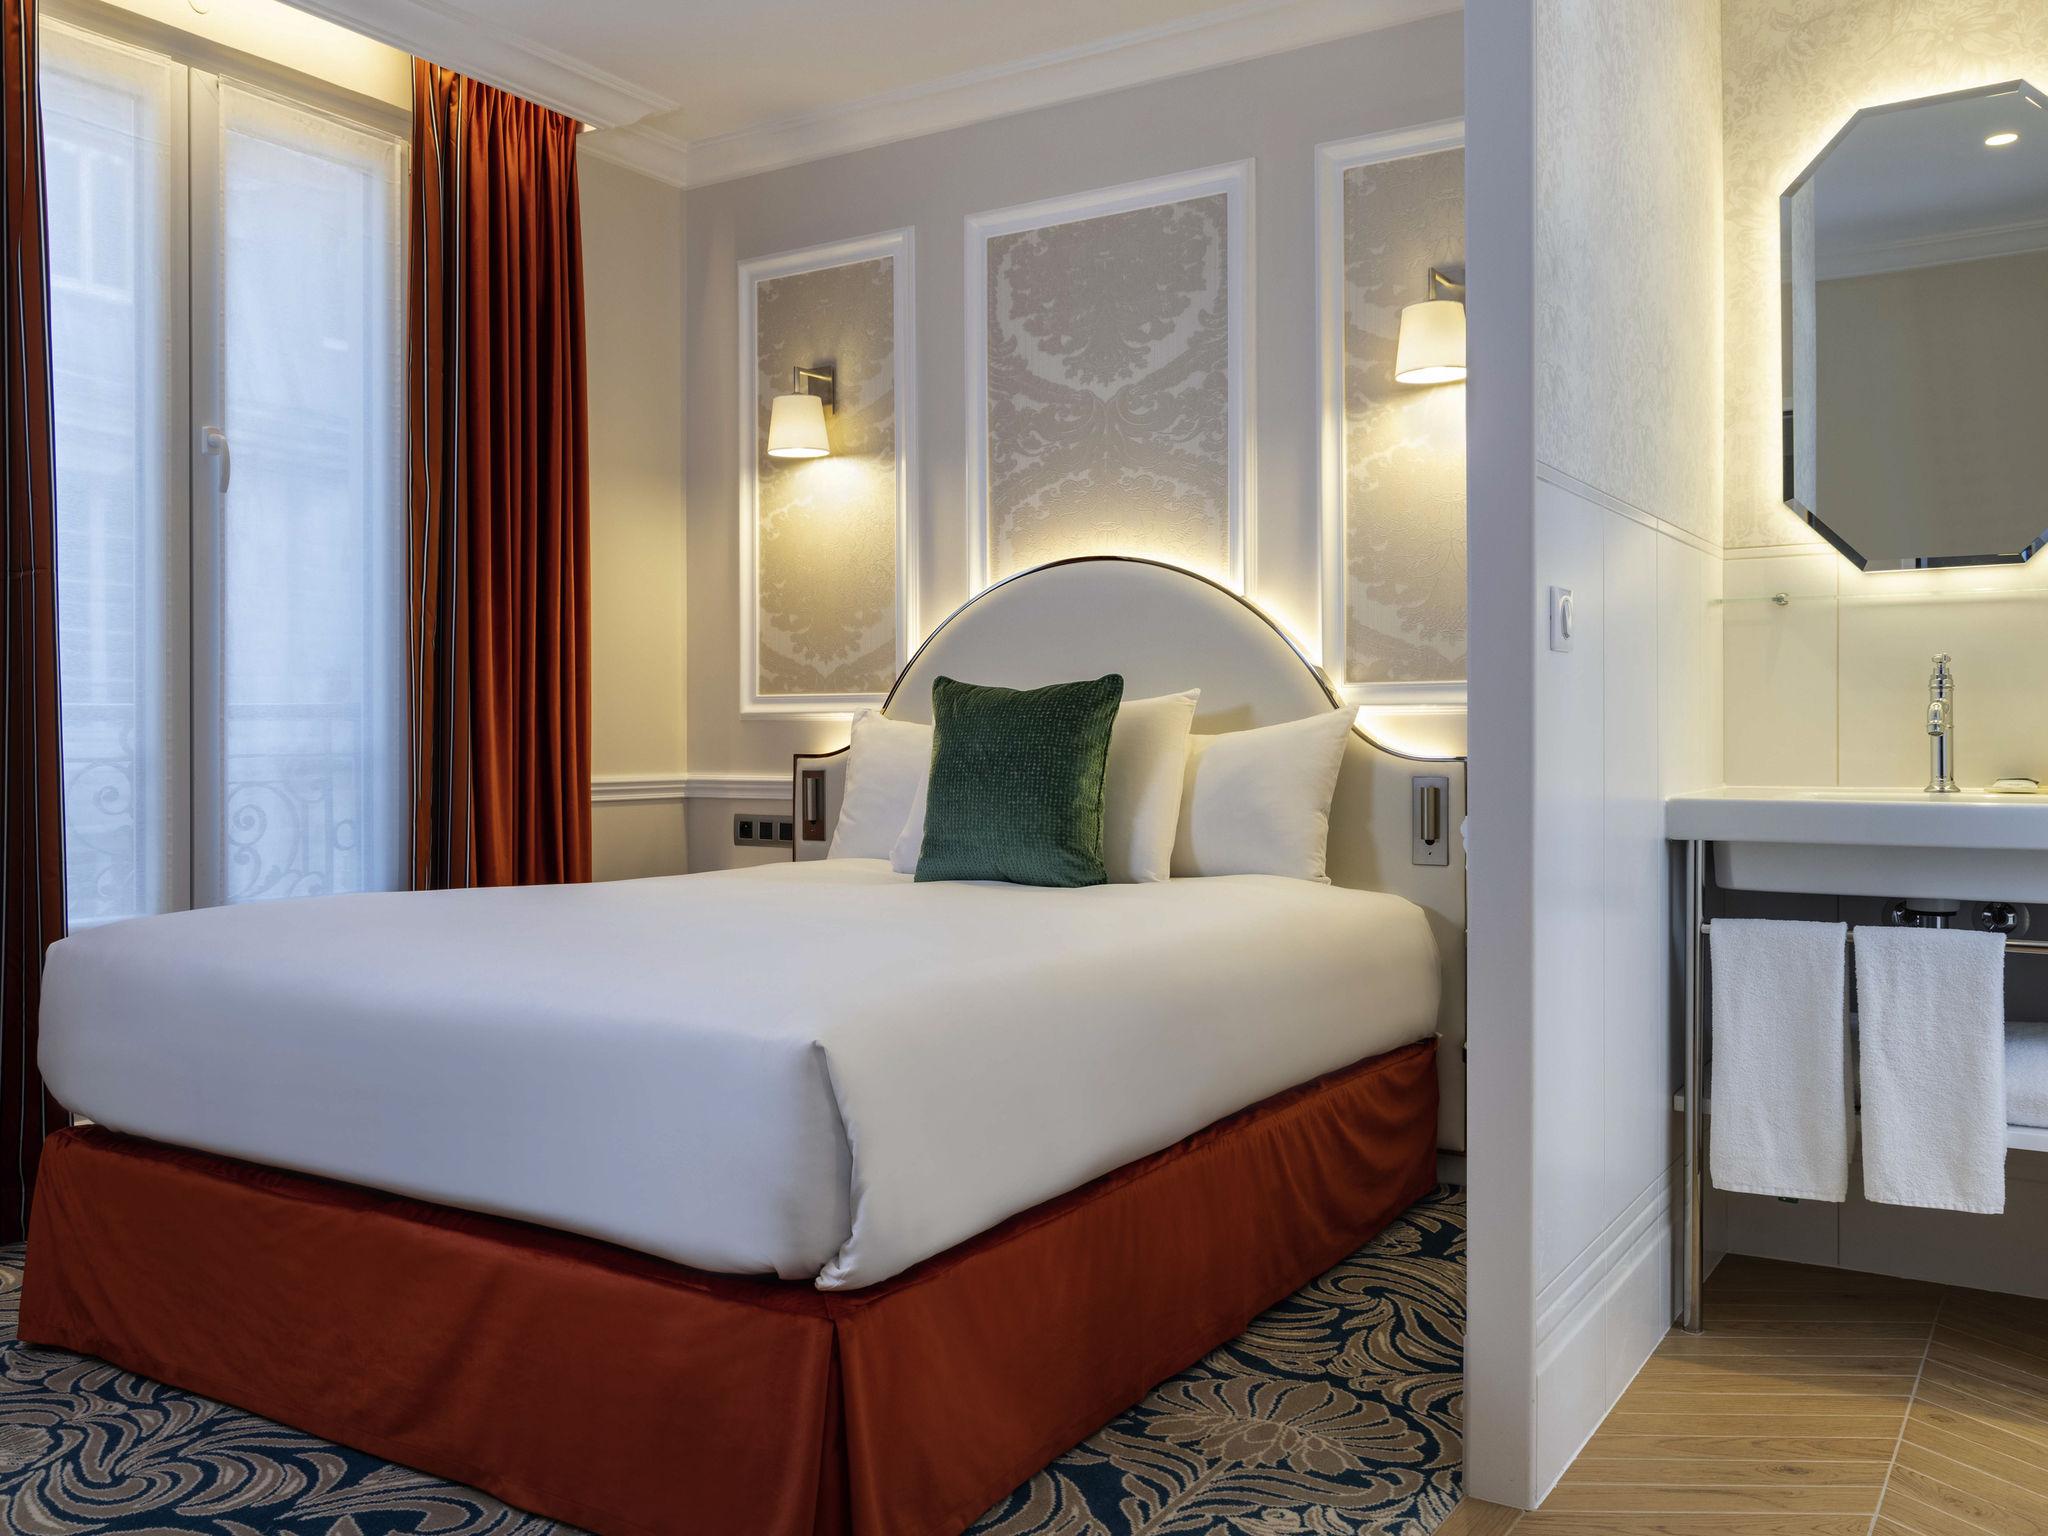 Hotel - Mercure Paris La Sorbonne Saint Germain des Prés Hotel